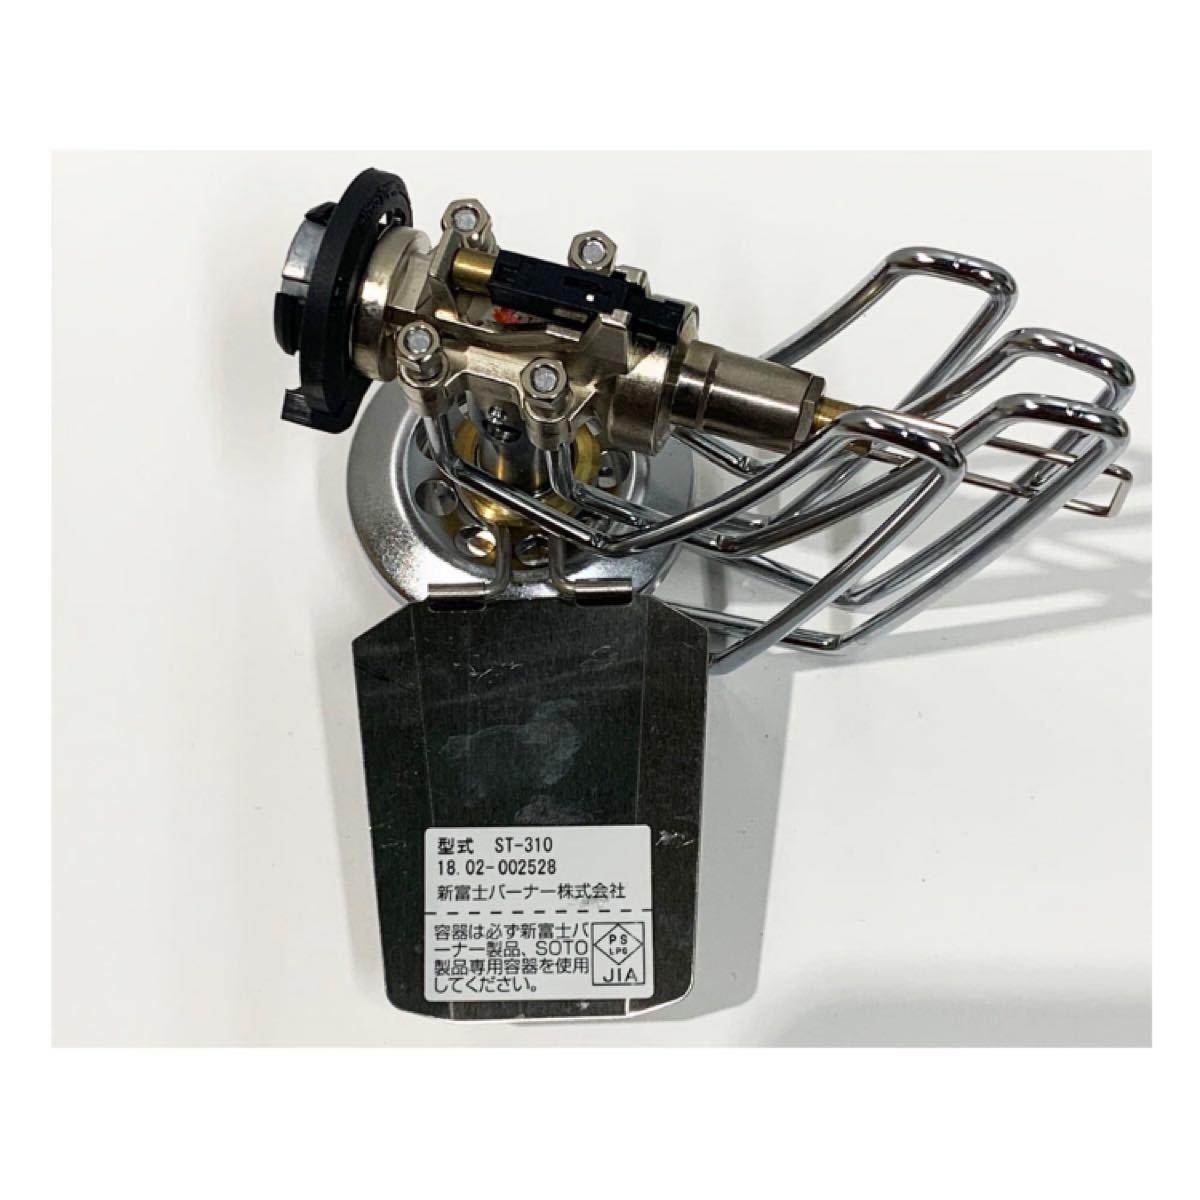 SOTO/ソト レギュレーターストーブ ST-310&パワーガス ST-7601&シェラカップ ST-SC20